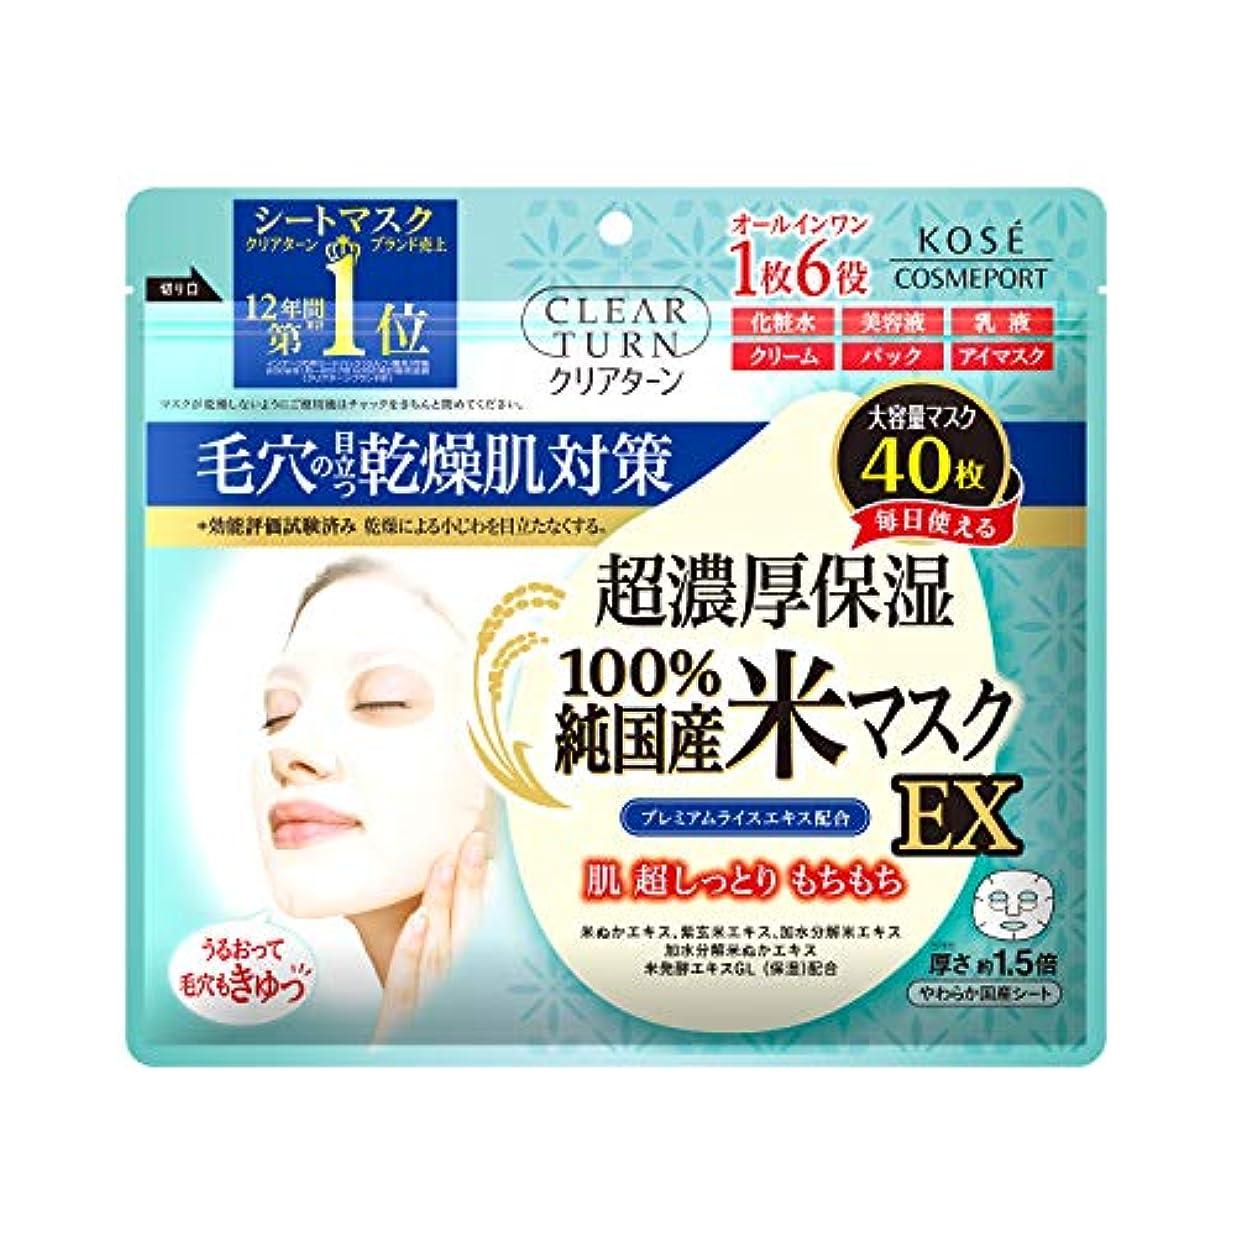 ギャロップベテラン広々としたKOSE クリアターン 純国産米マスク EX 40枚入